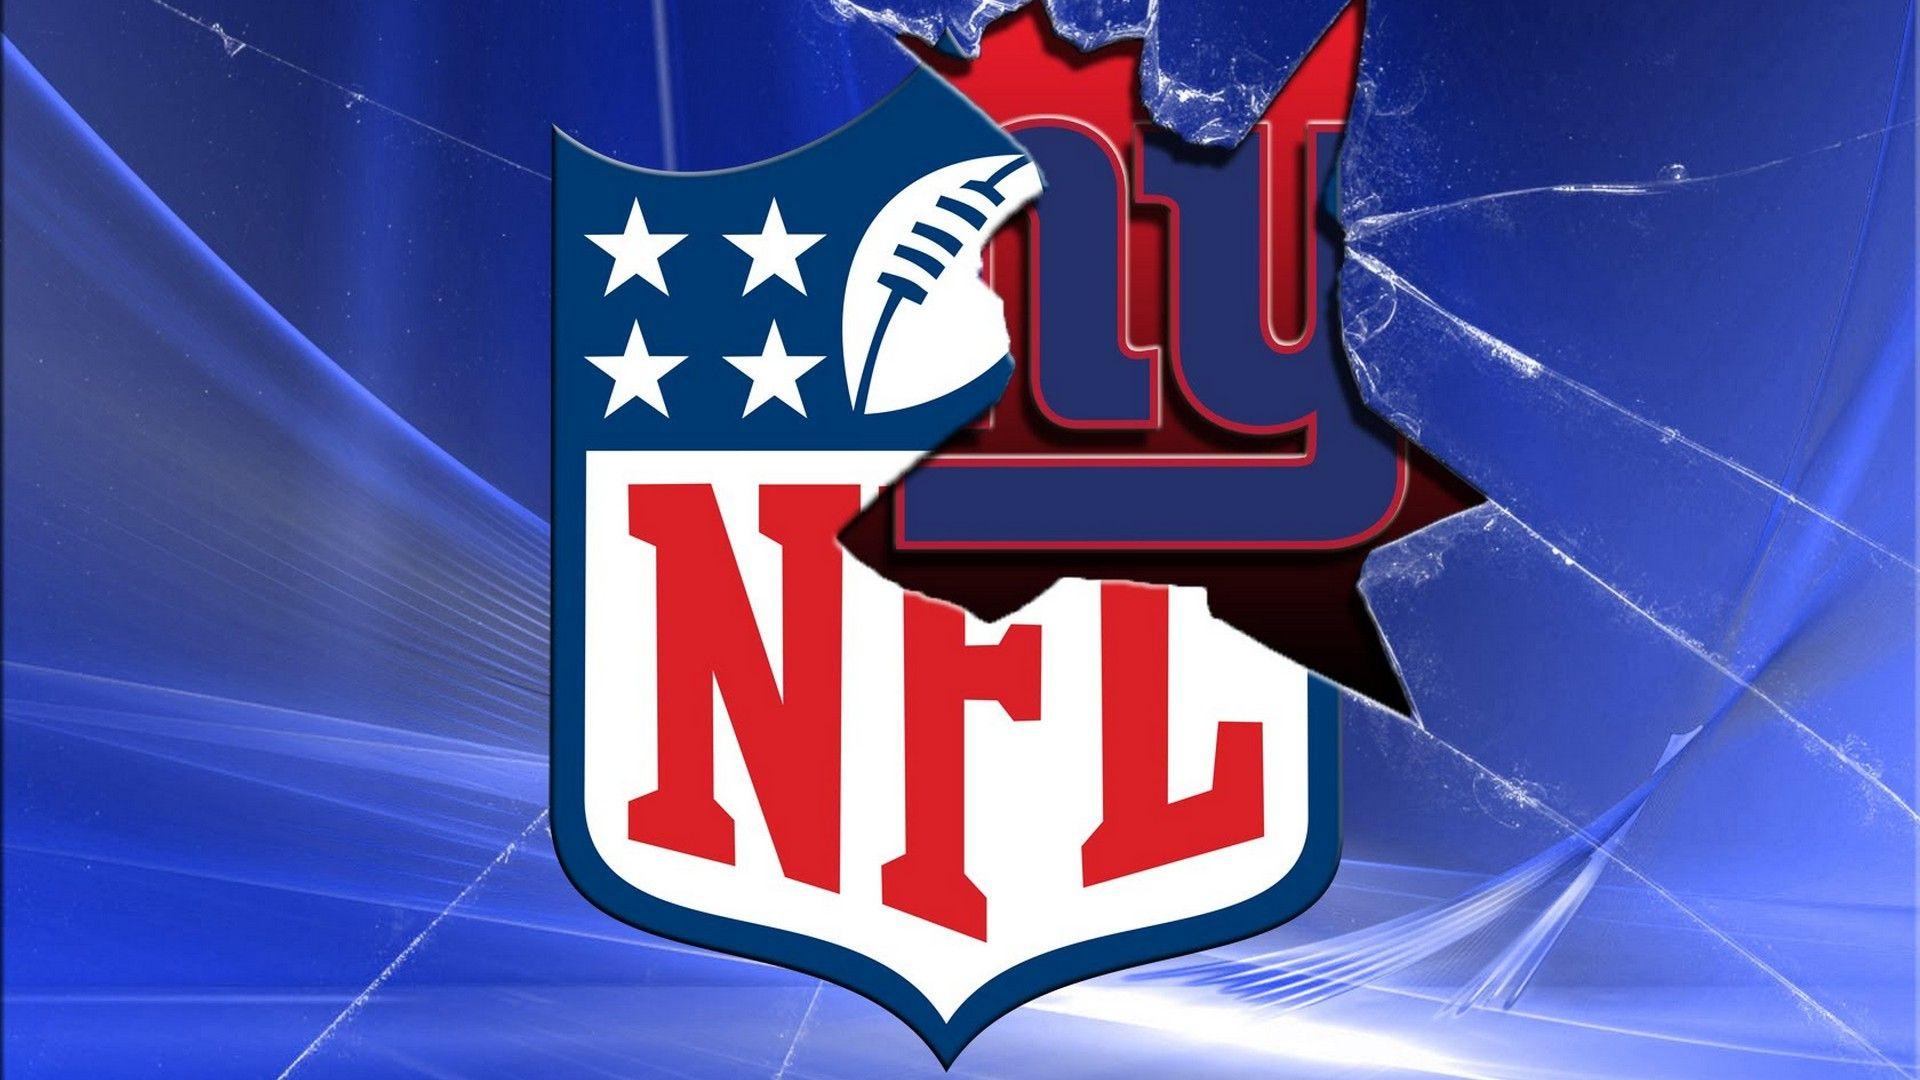 New York Giants For PC Wallpaper New york giants, New